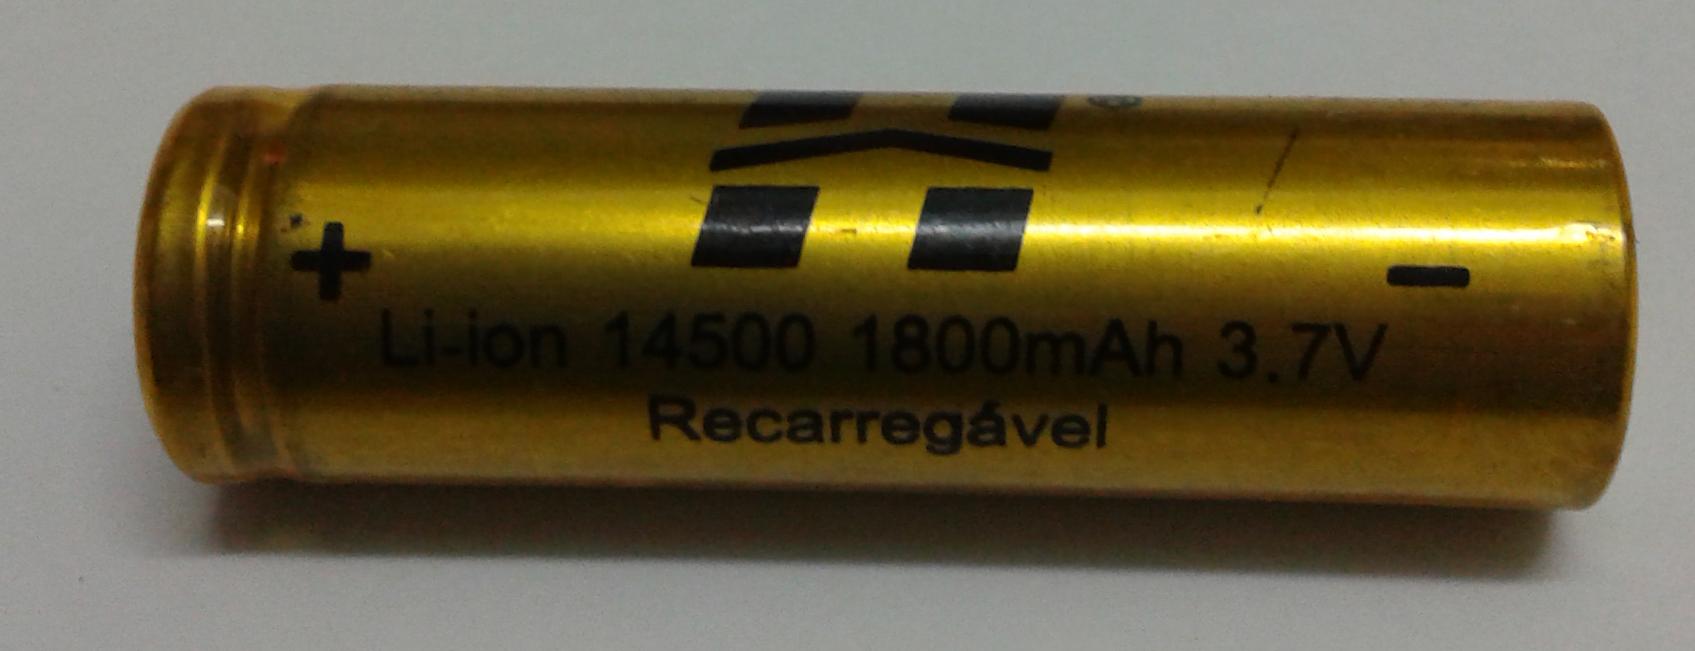 Batéria Lítio 14500 Recarregável Hy